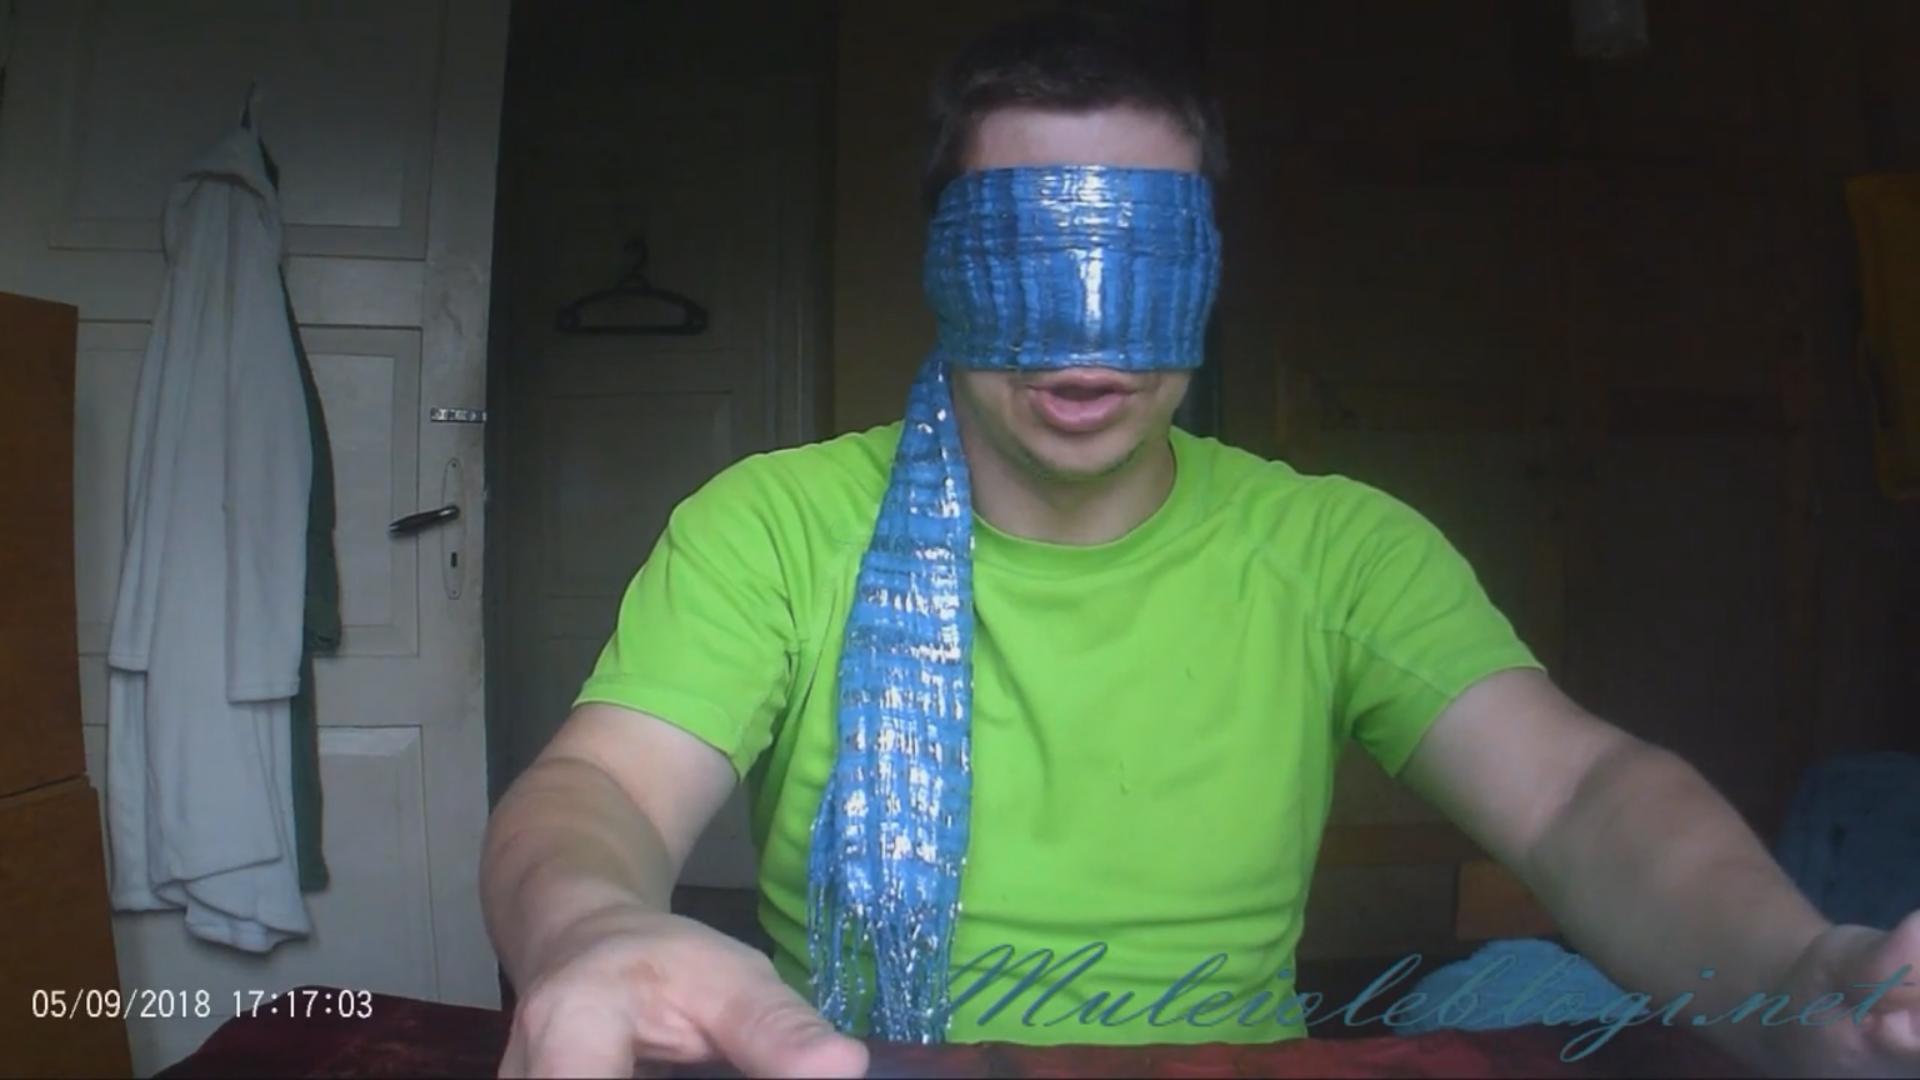 Pimesiku videopostituse challenge